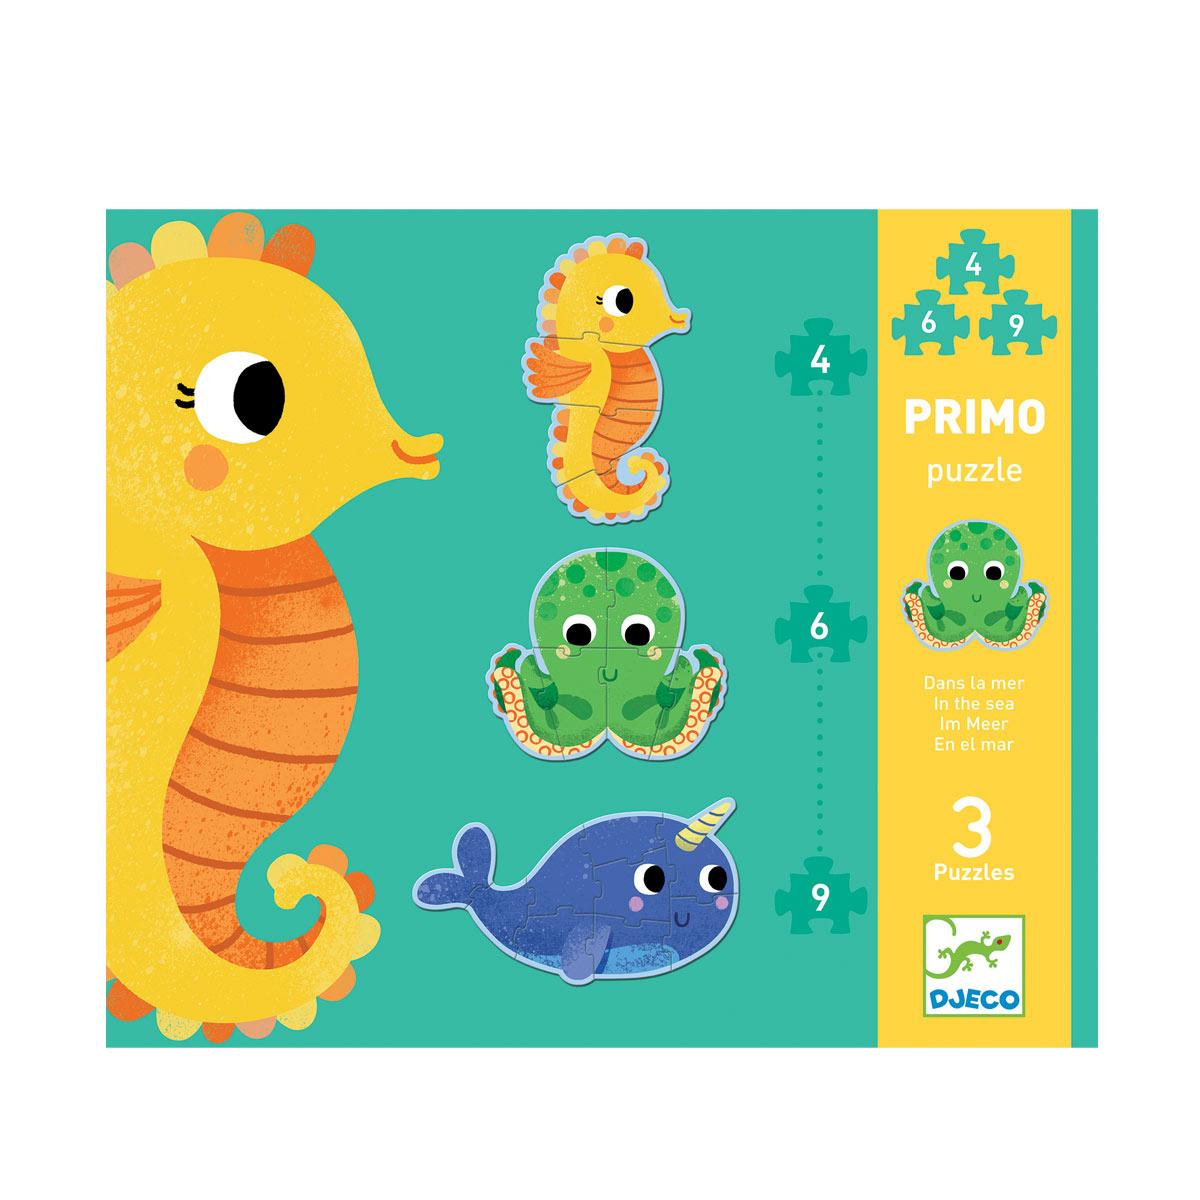 Puzzle évolutifs Primo dans la mer 4,6,9 pièces